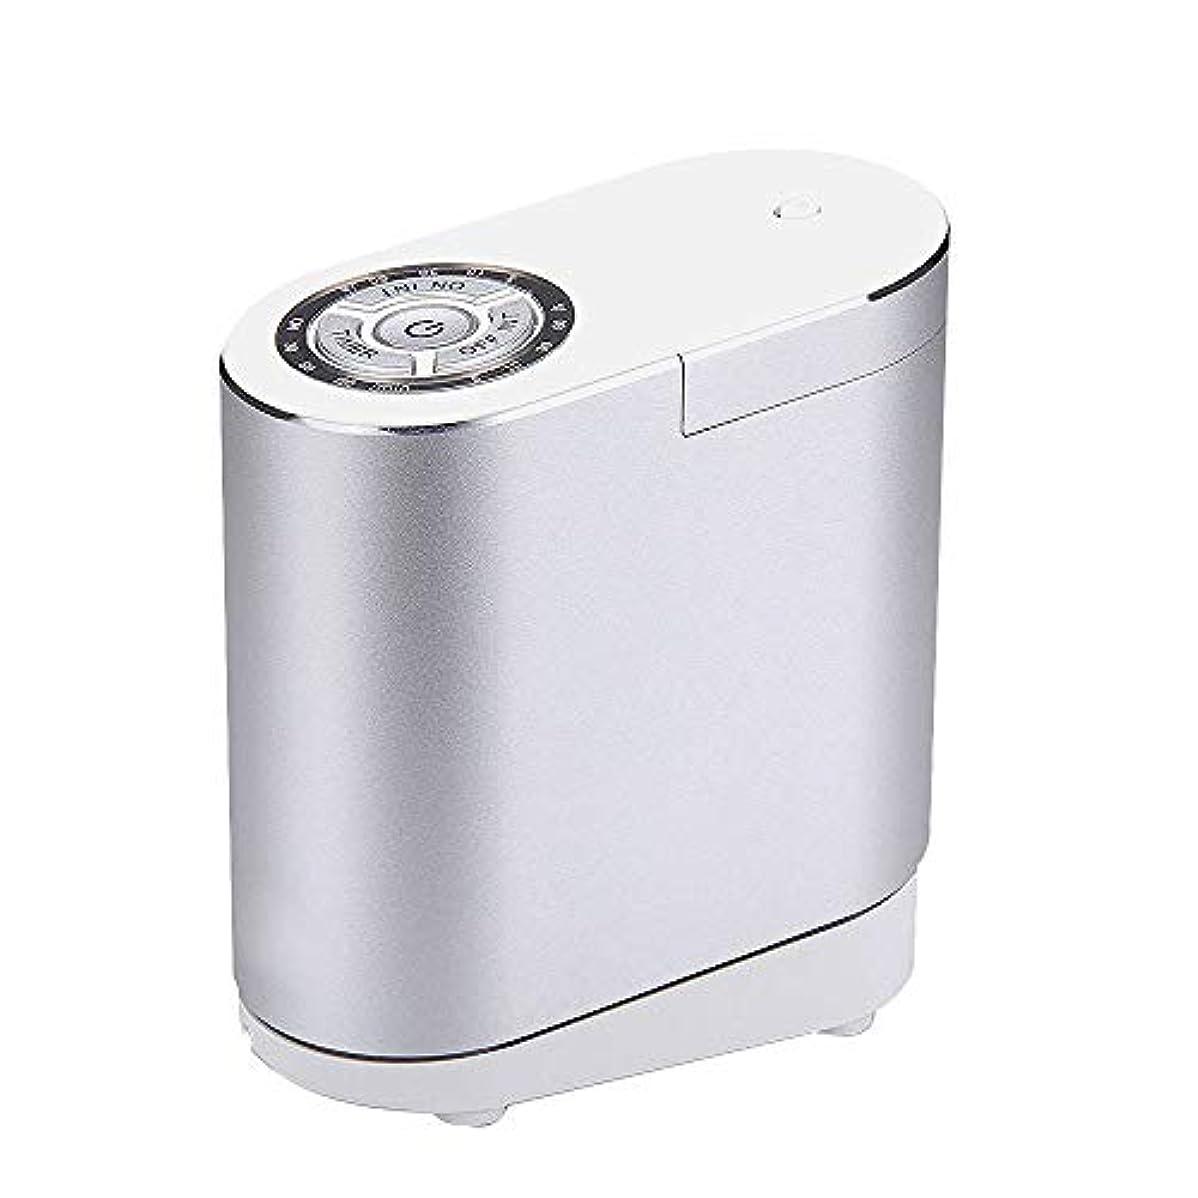 橋脚フレームワーク万歳精油の拡散器、総本店の寝室部屋のための携帯用超音波拡散器の涼しい霧の加湿器,silver30ML